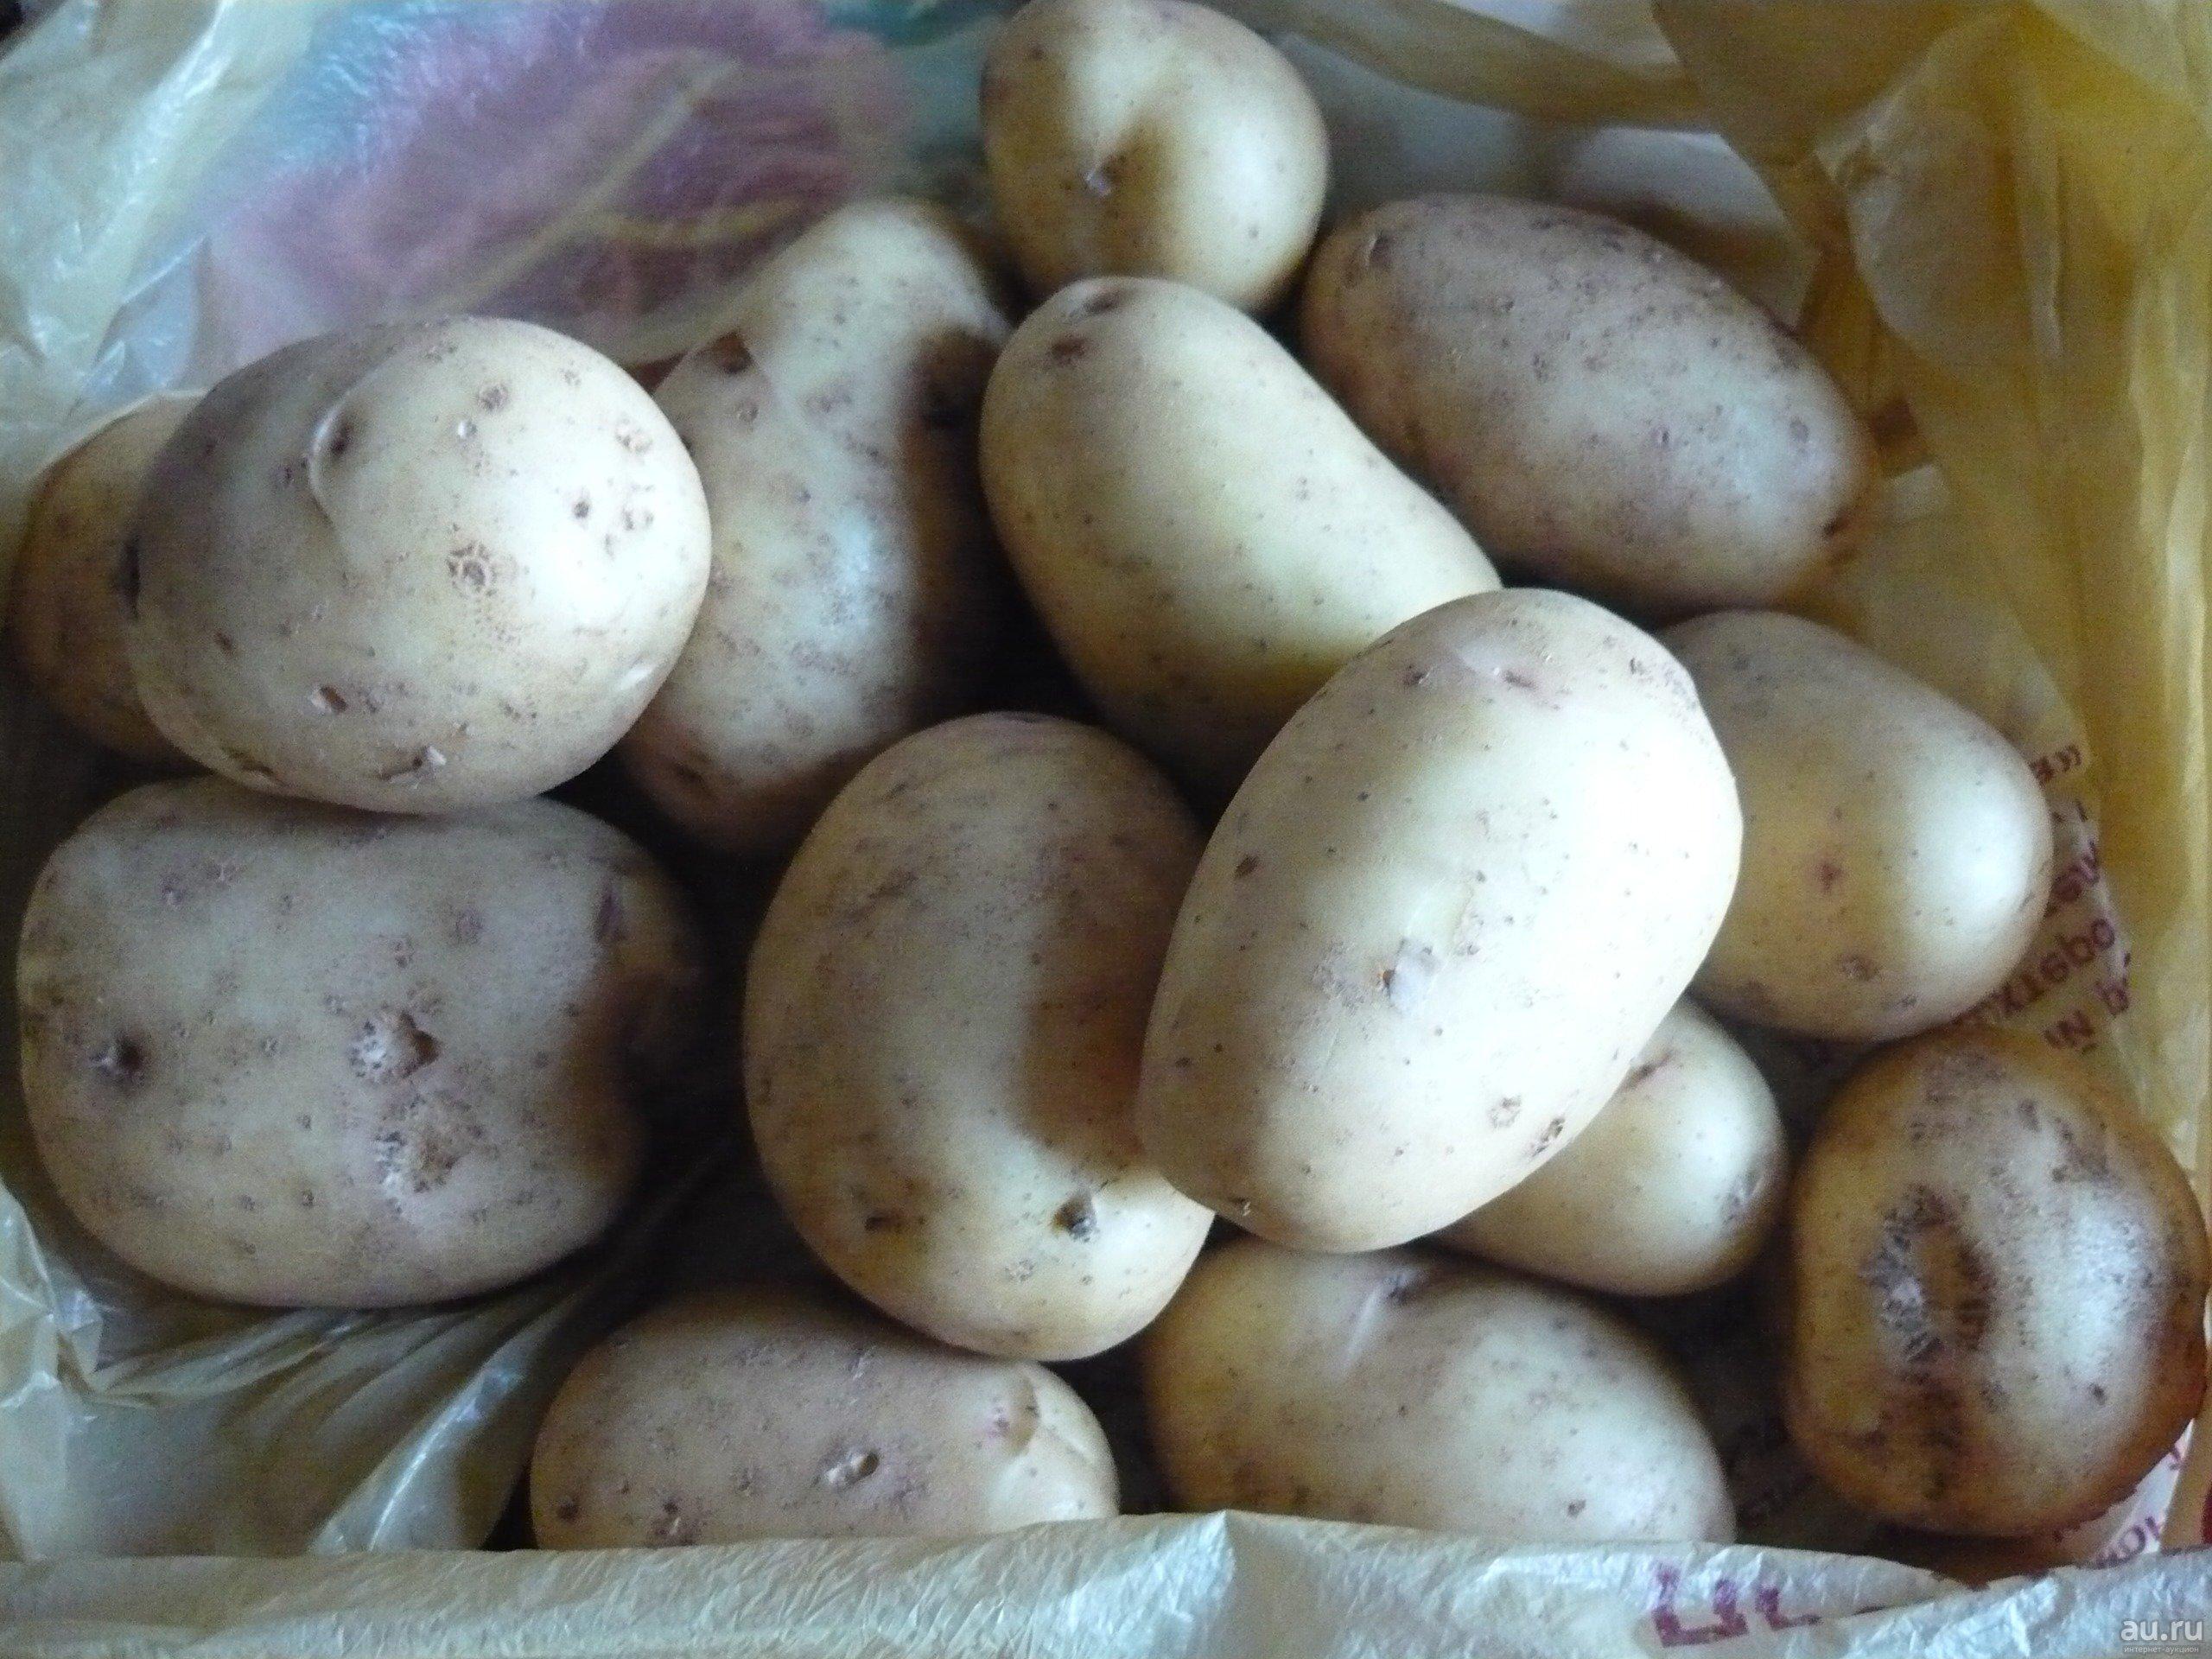 Сорт картофеля снегирь: описание и характеристика, отзывы